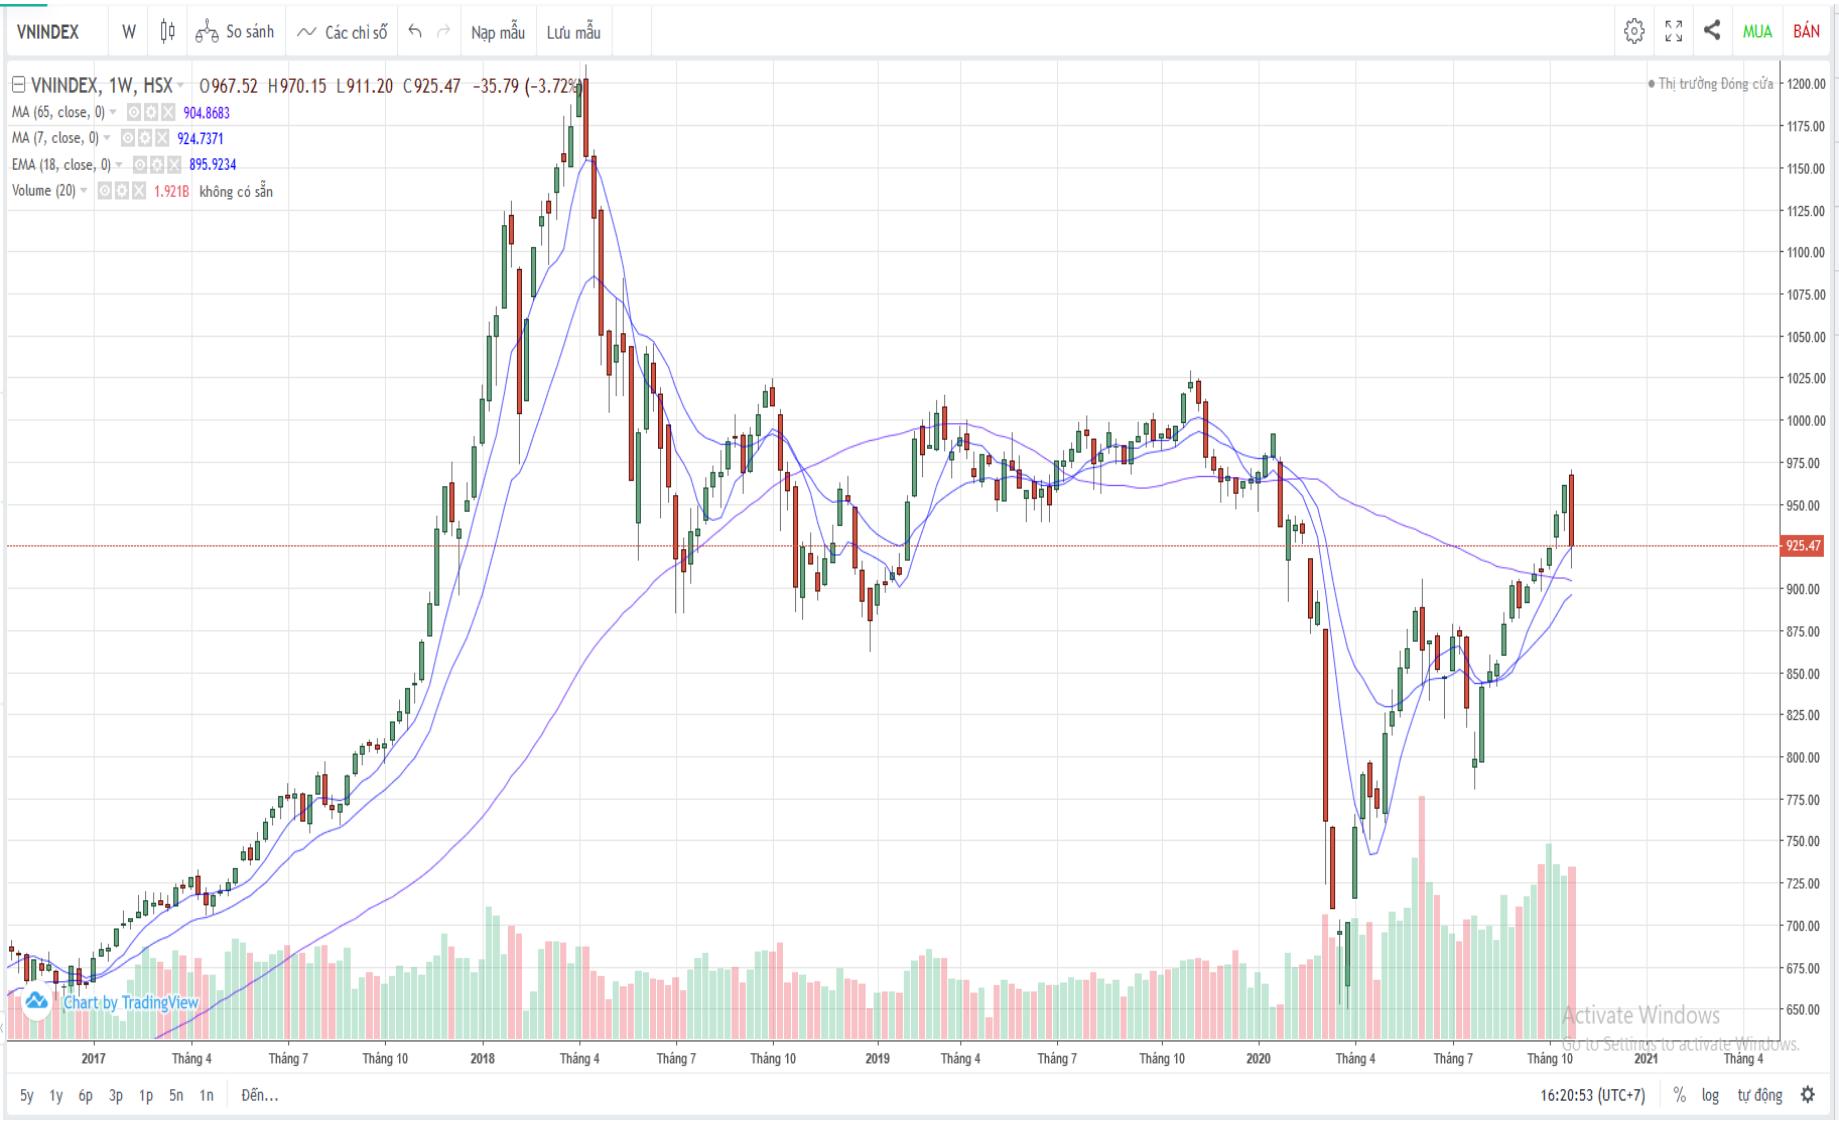 Nhận định thị trường chứng khoán tuần 2 - 6/11: Rủi ro hiện hữu, nguy cơ hình thành xu hướng giảm - Ảnh 1.